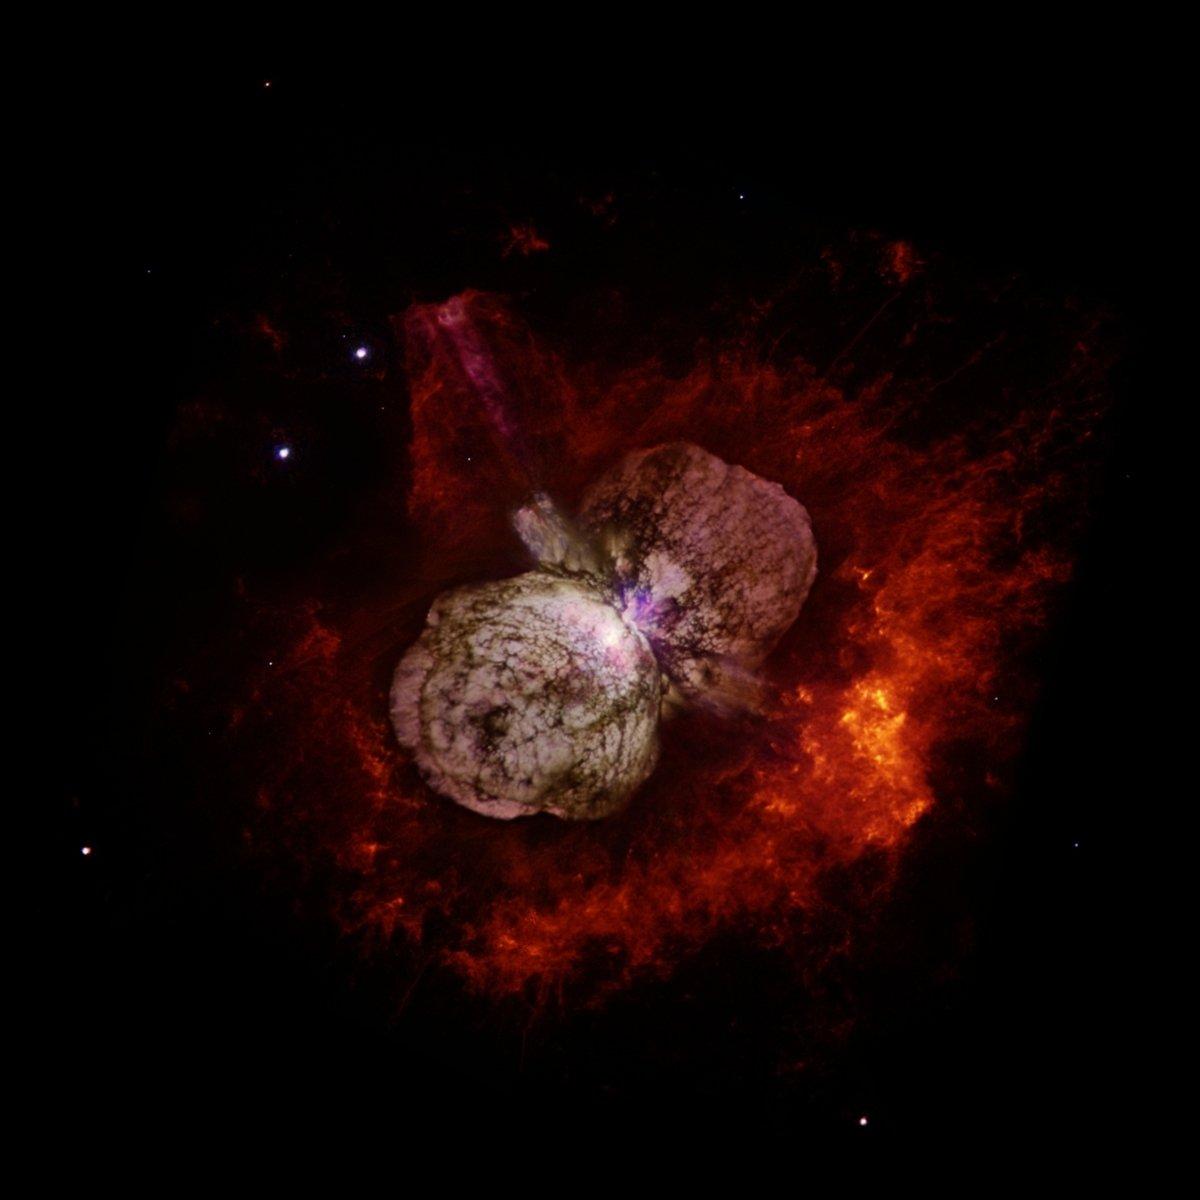 哈伯太空望遠鏡拍攝海山二與圍繞在該天體周圍的侏儒星雲(Homunculus Nebula)。(維基百科)